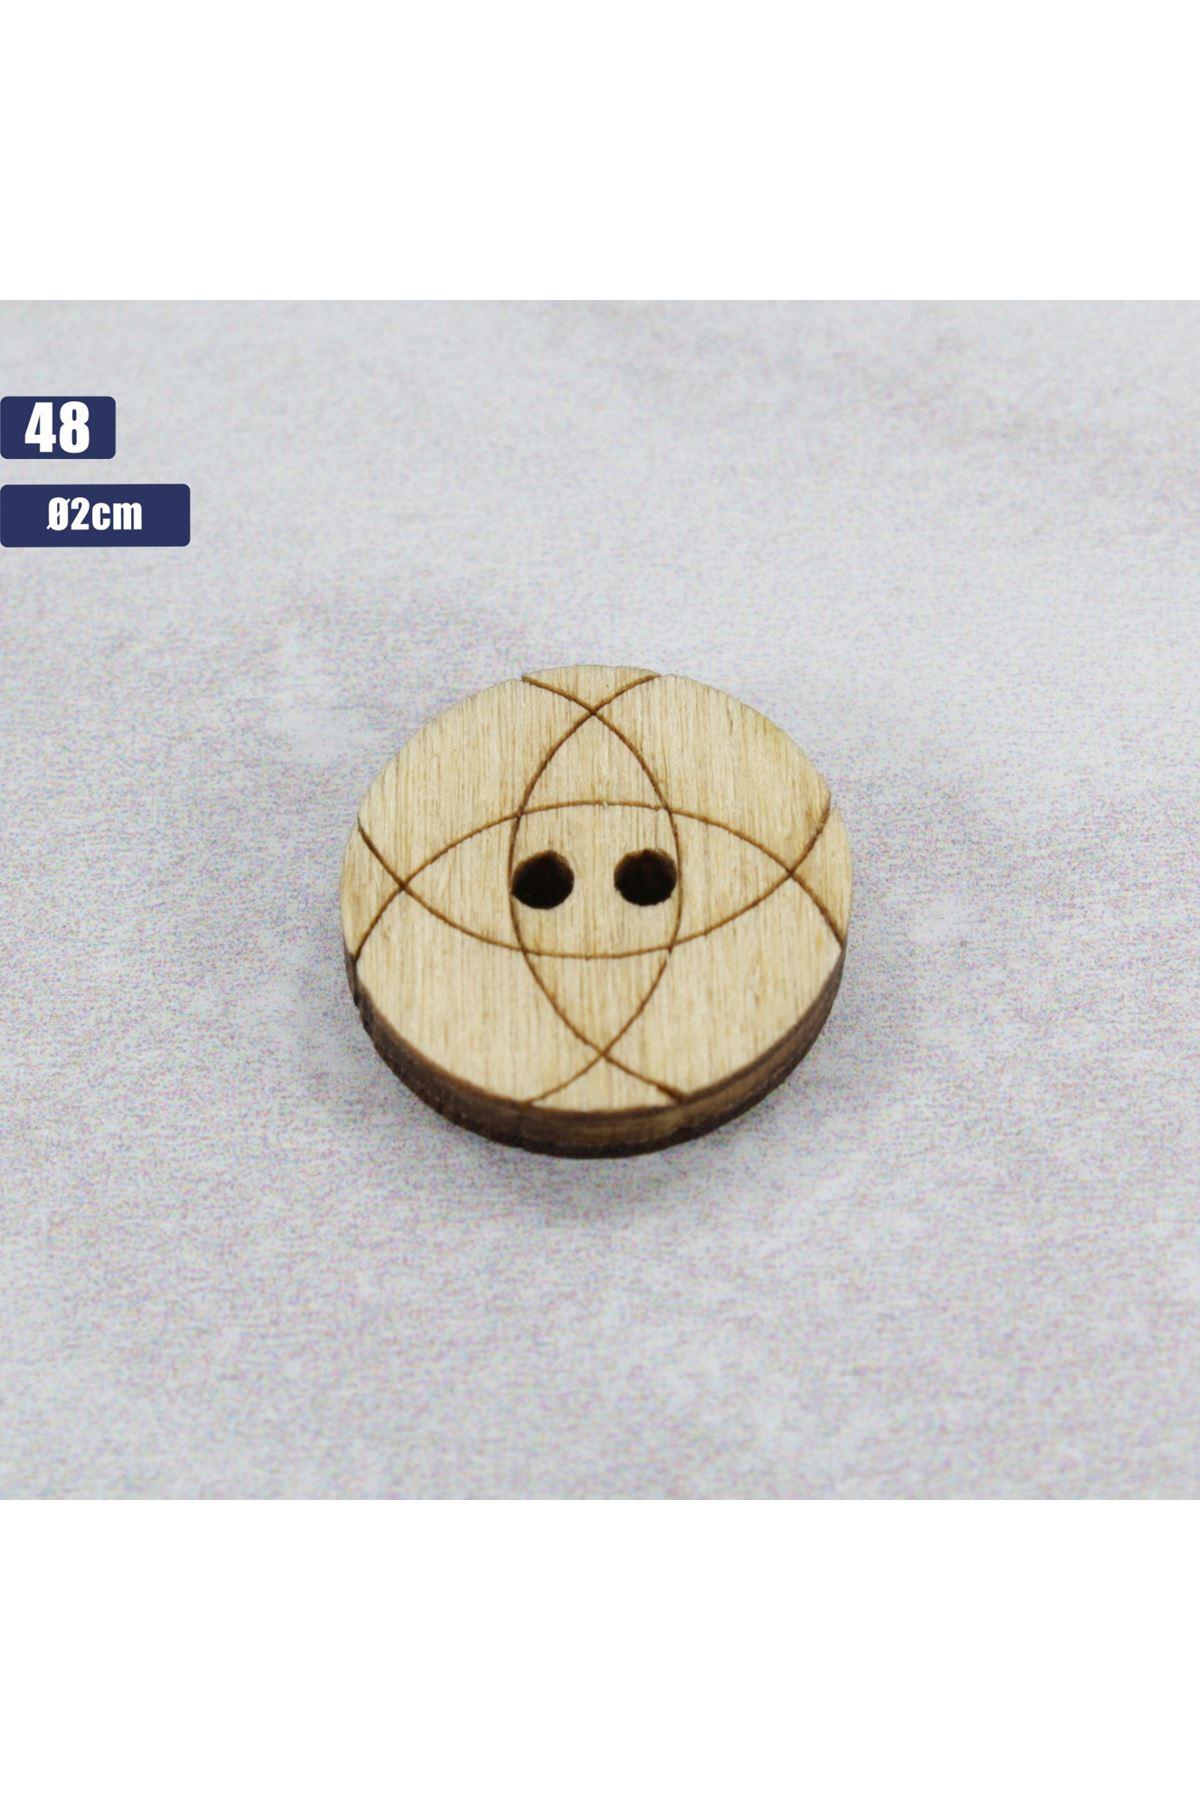 Düğme 1 Adet - 48